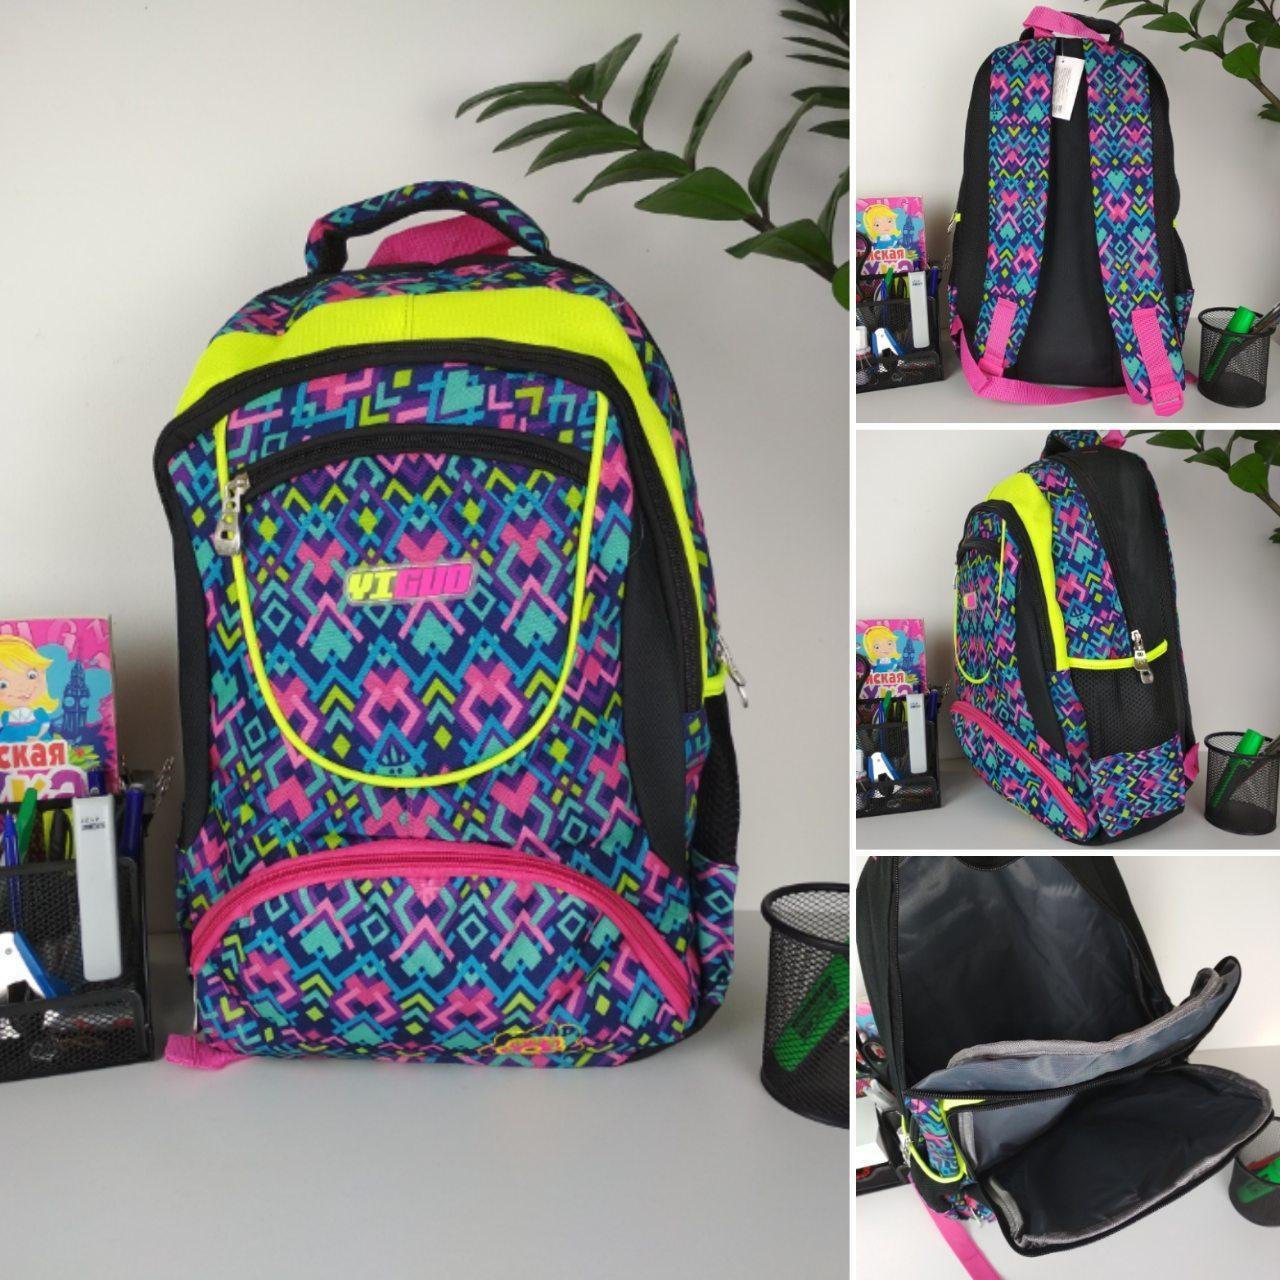 Школьный рюкзак с орнаментом для девочки 45*28*19 см